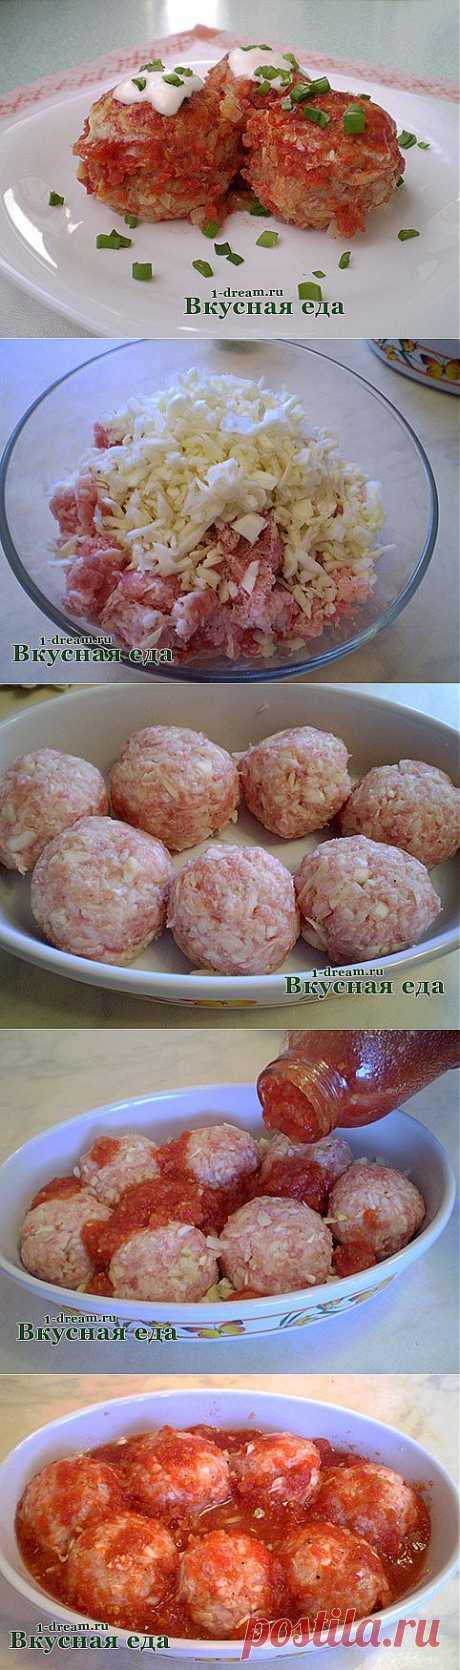 Голубцы ленивые в духовке - рецепт приготовления ленивых голубцов с фаршем - Вкусная еда